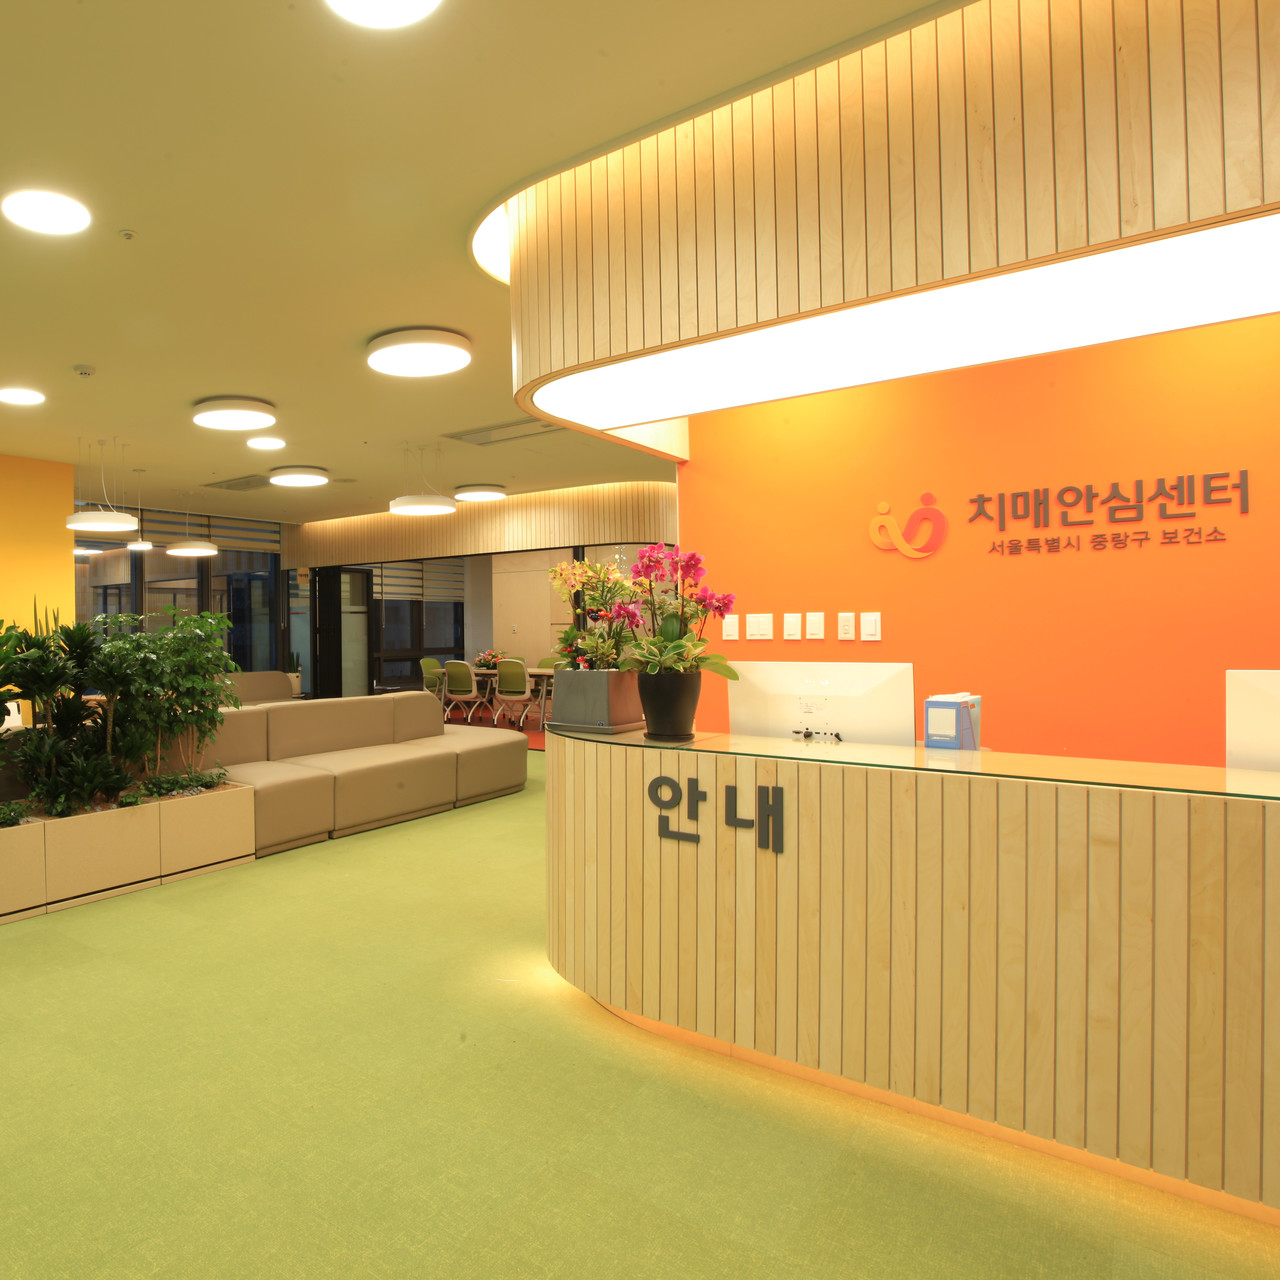 중랑구청 치매안심센터